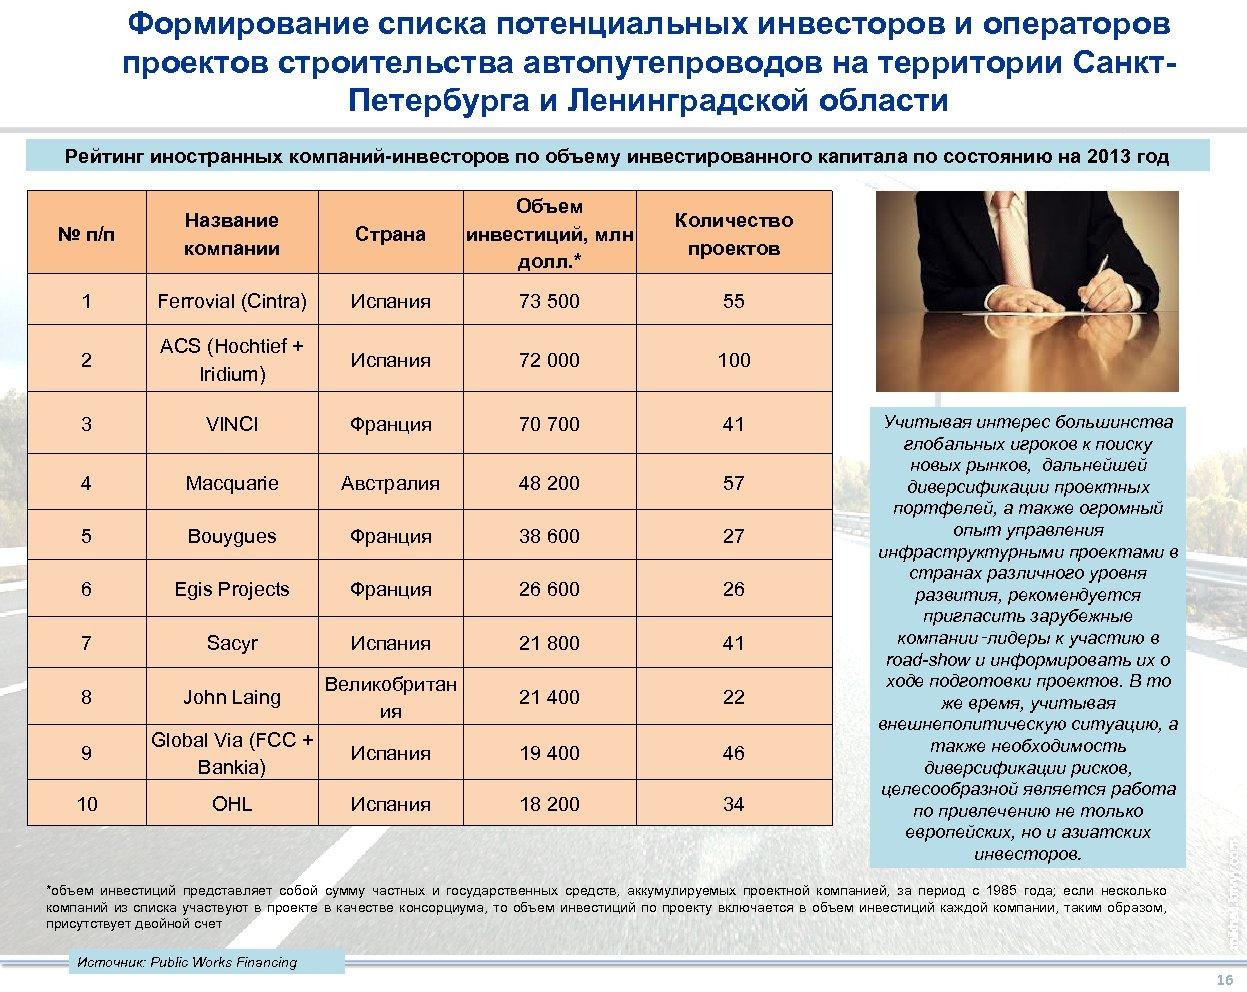 Формирование списка потенциальных инвесторов и операторов проектов строительства автопутепроводов на территории Санкт. Петербурга и